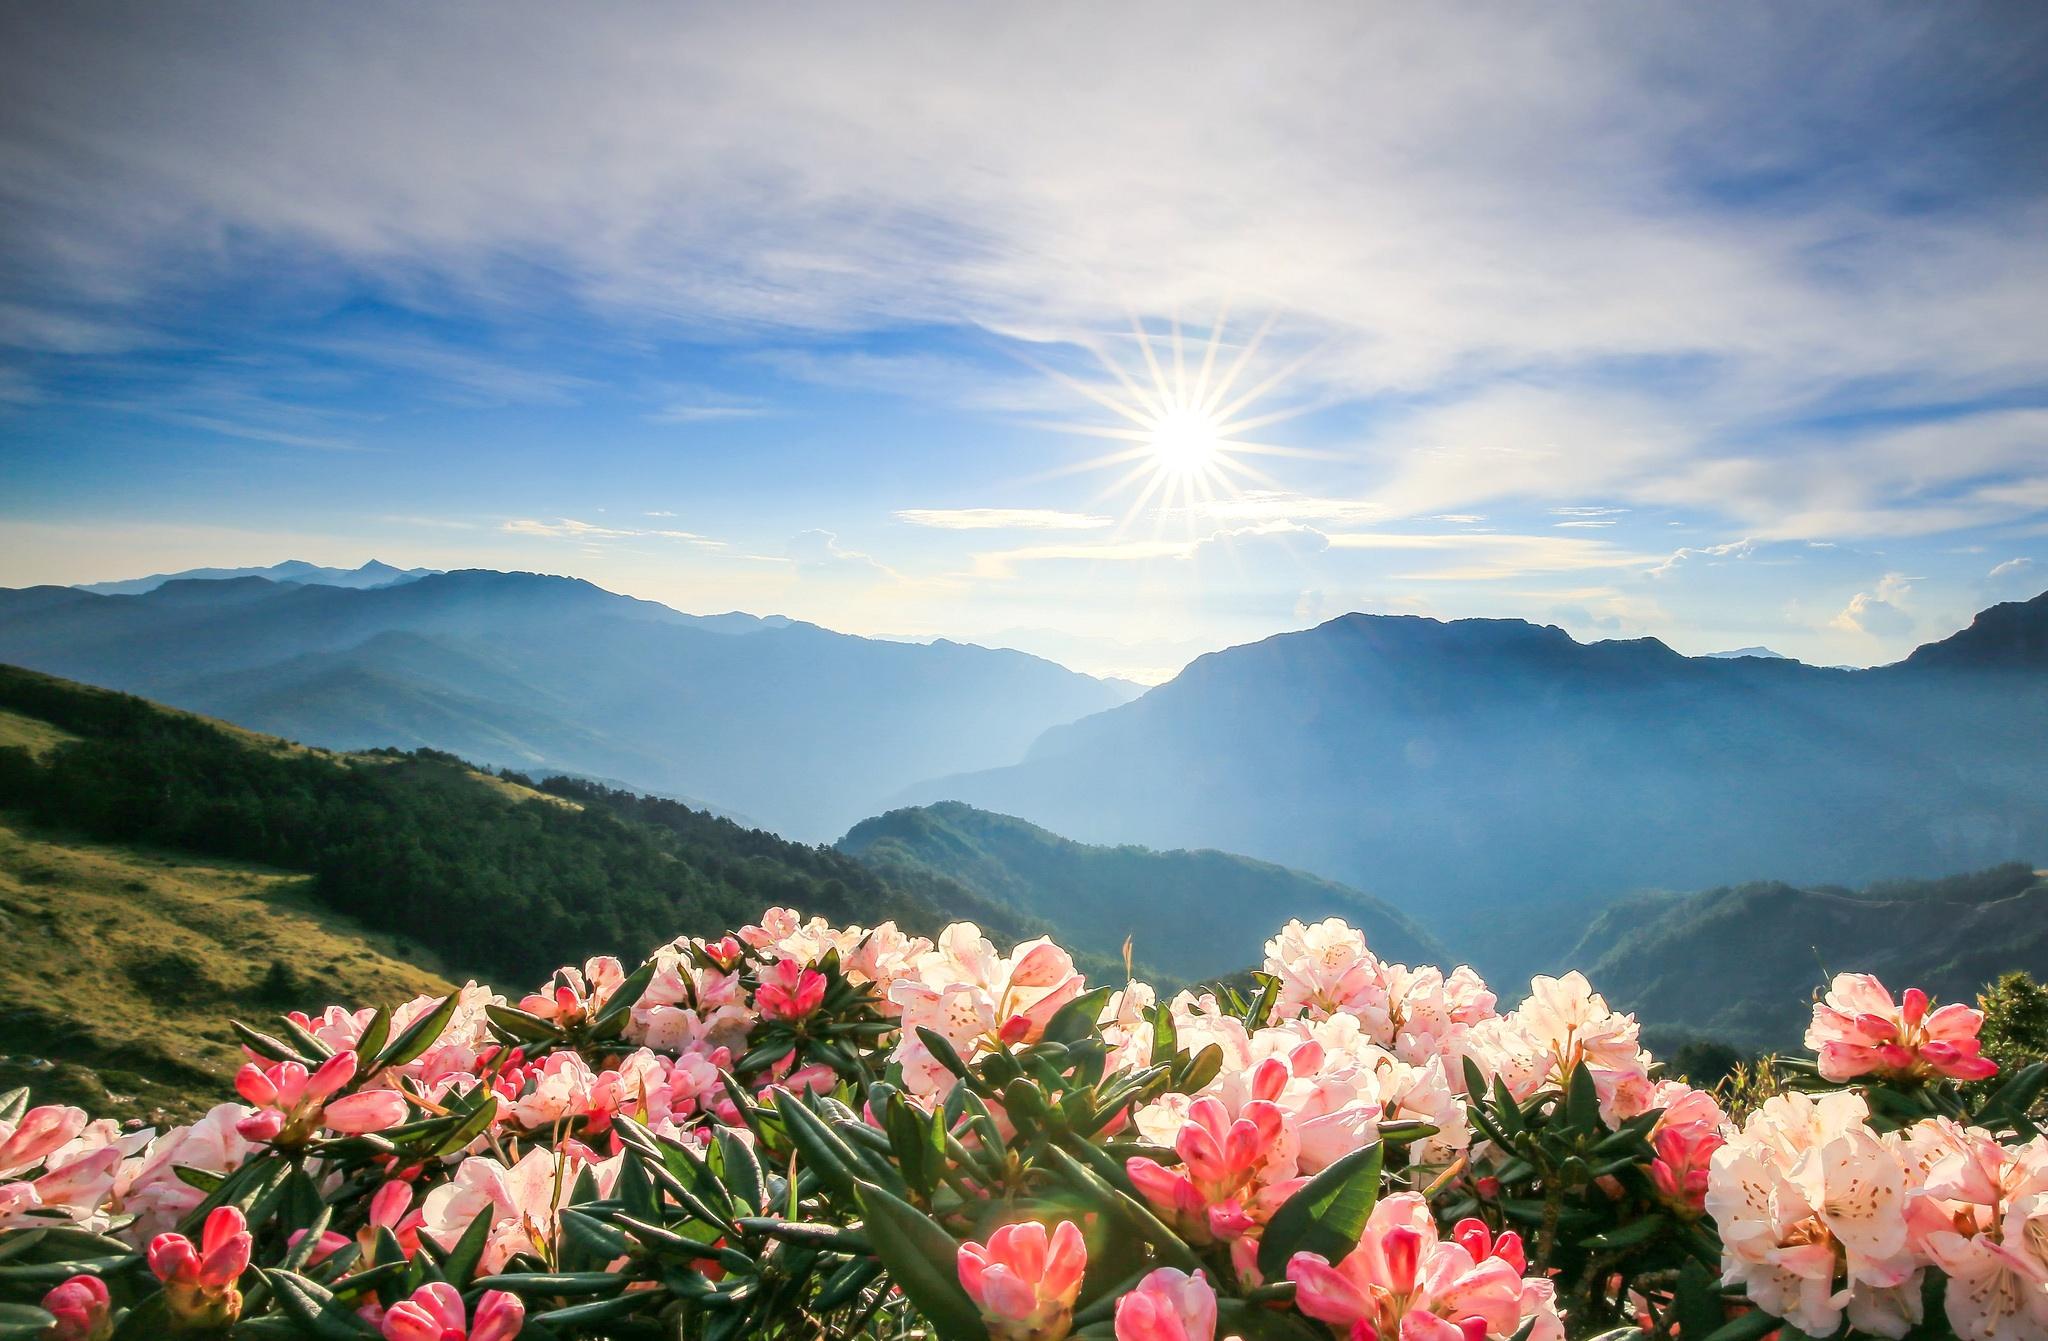 Картинки на рабочий стол цветы и горы